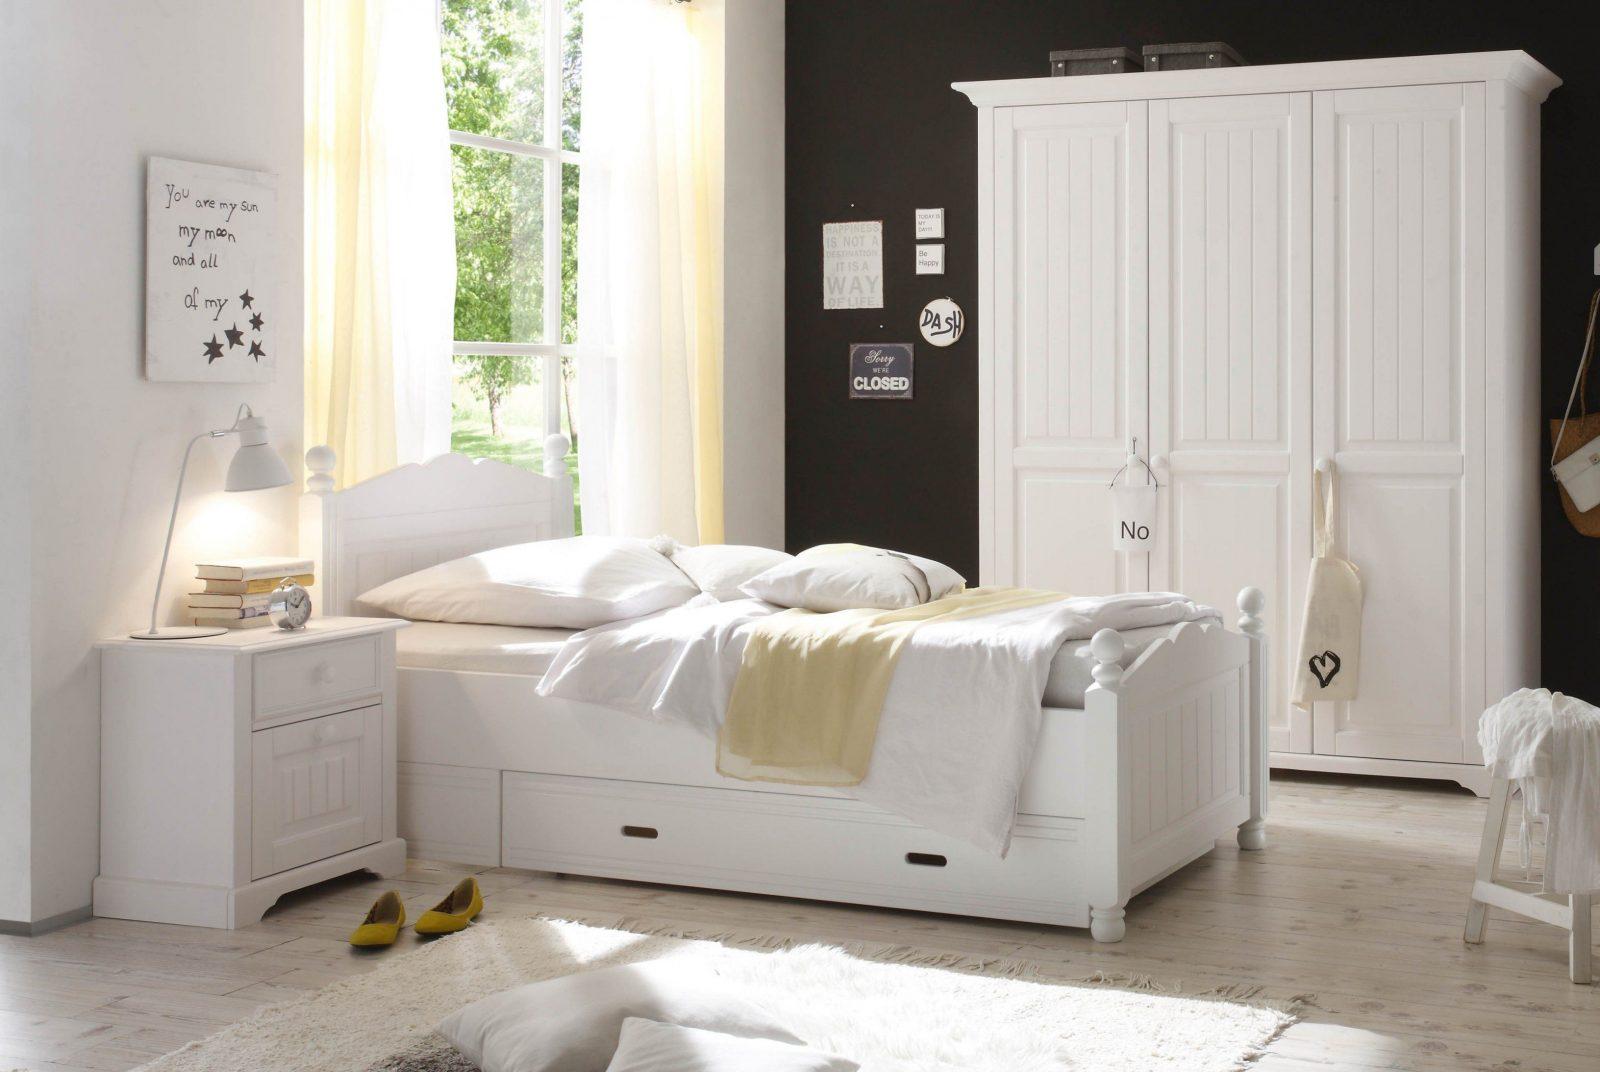 Schlafkontor Cinderella Bett Kiefer Weiß  Möbel Letz  Ihr Onlineshop von Bett Landhausstil Weiß 90X200 Photo